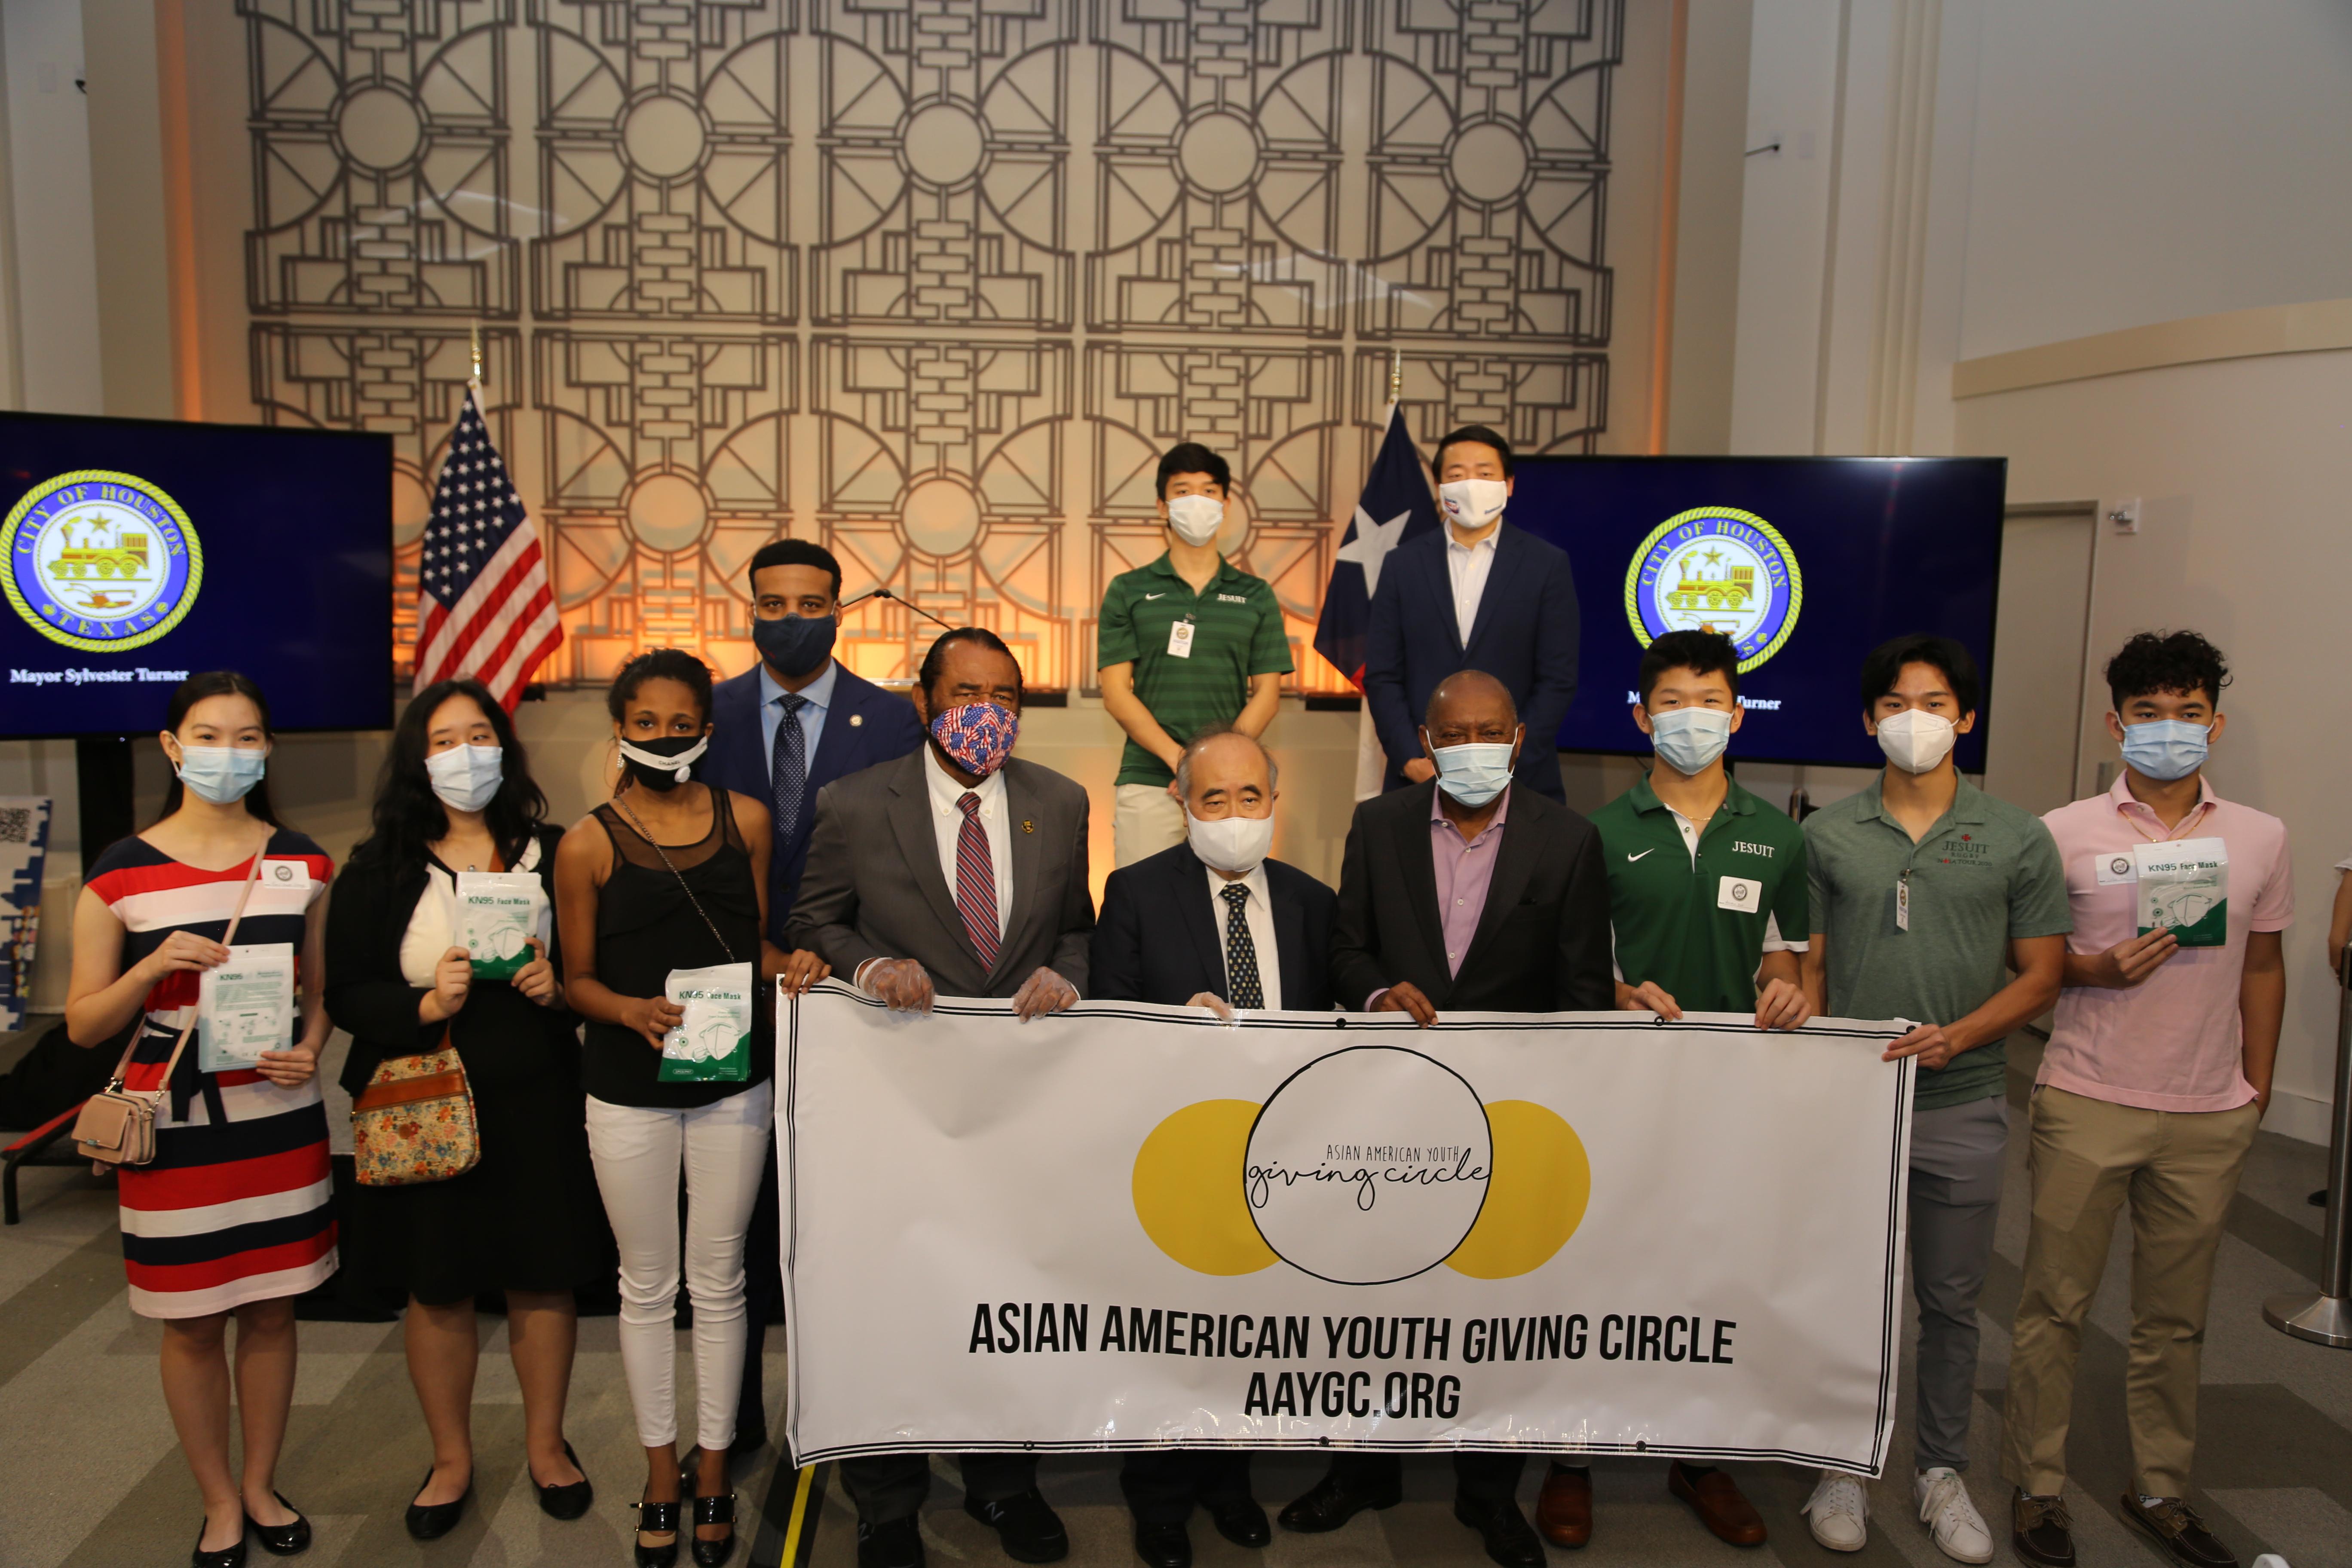 年輕一代的公益團體(AAYGC)在李雄(前排右五)的帶領下與透納市長(前排右四)、國會議員Al Green(前排左四)合影,傳承意味濃厚。